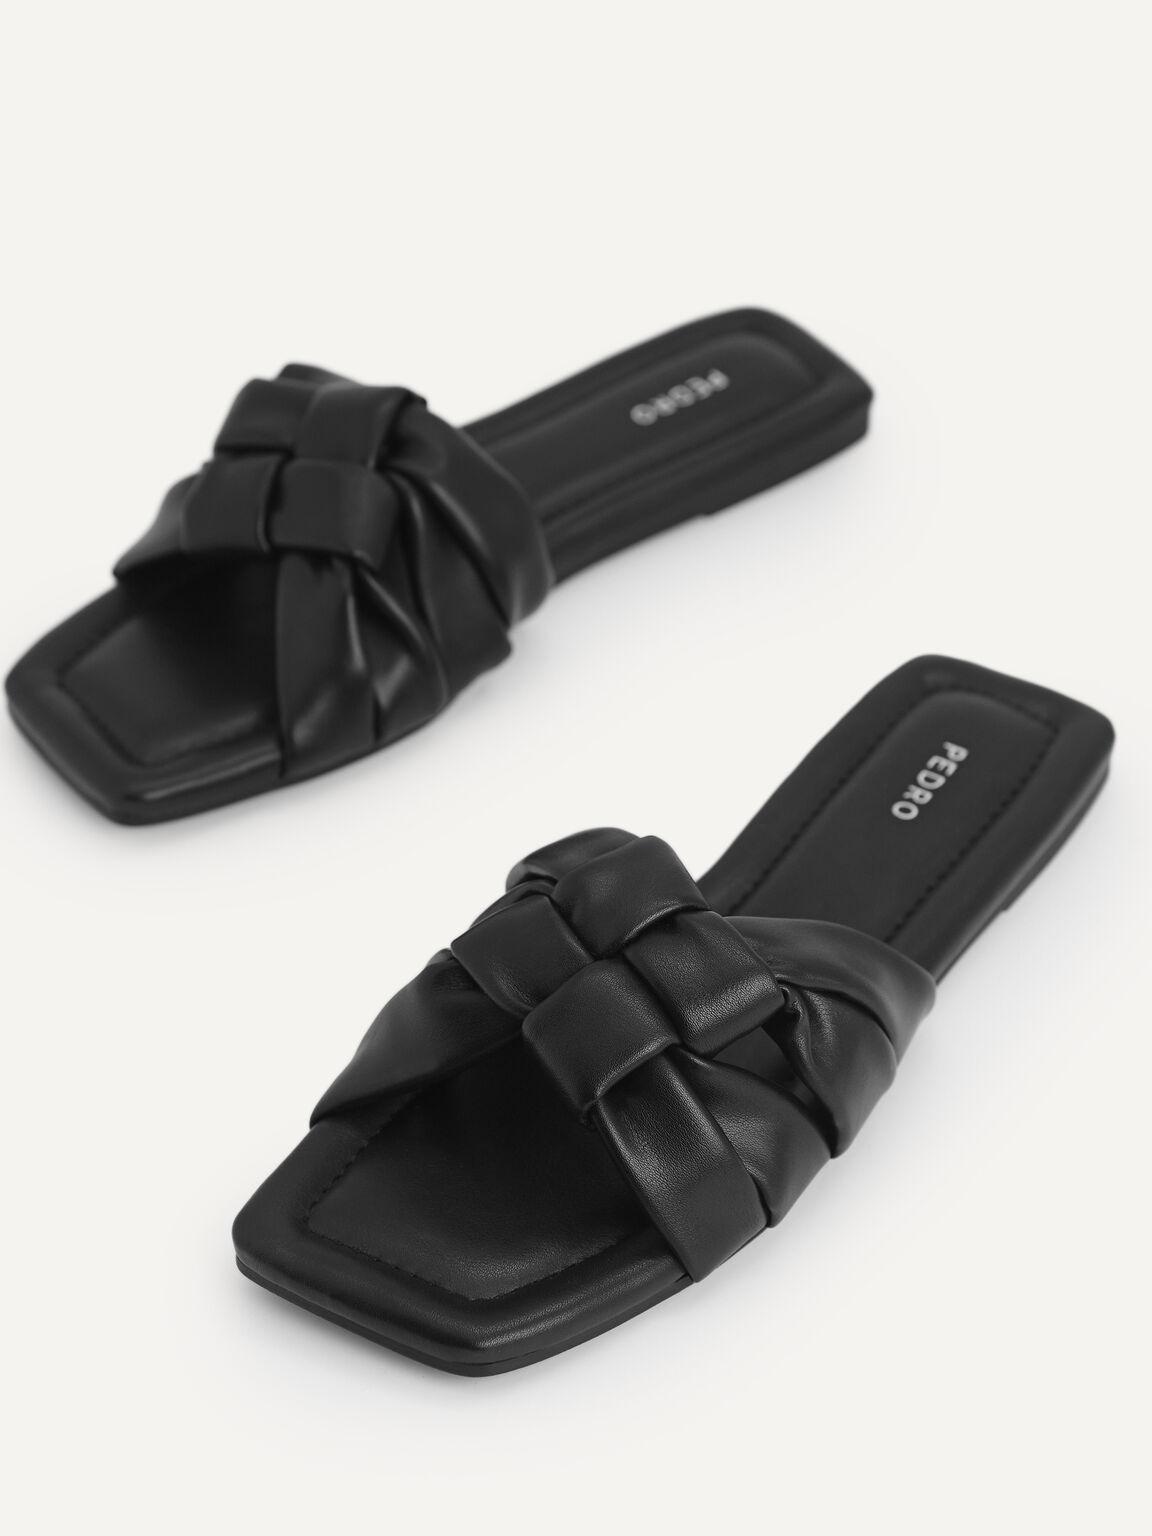 Knotted Straps Slip-On Sandals, Black, hi-res